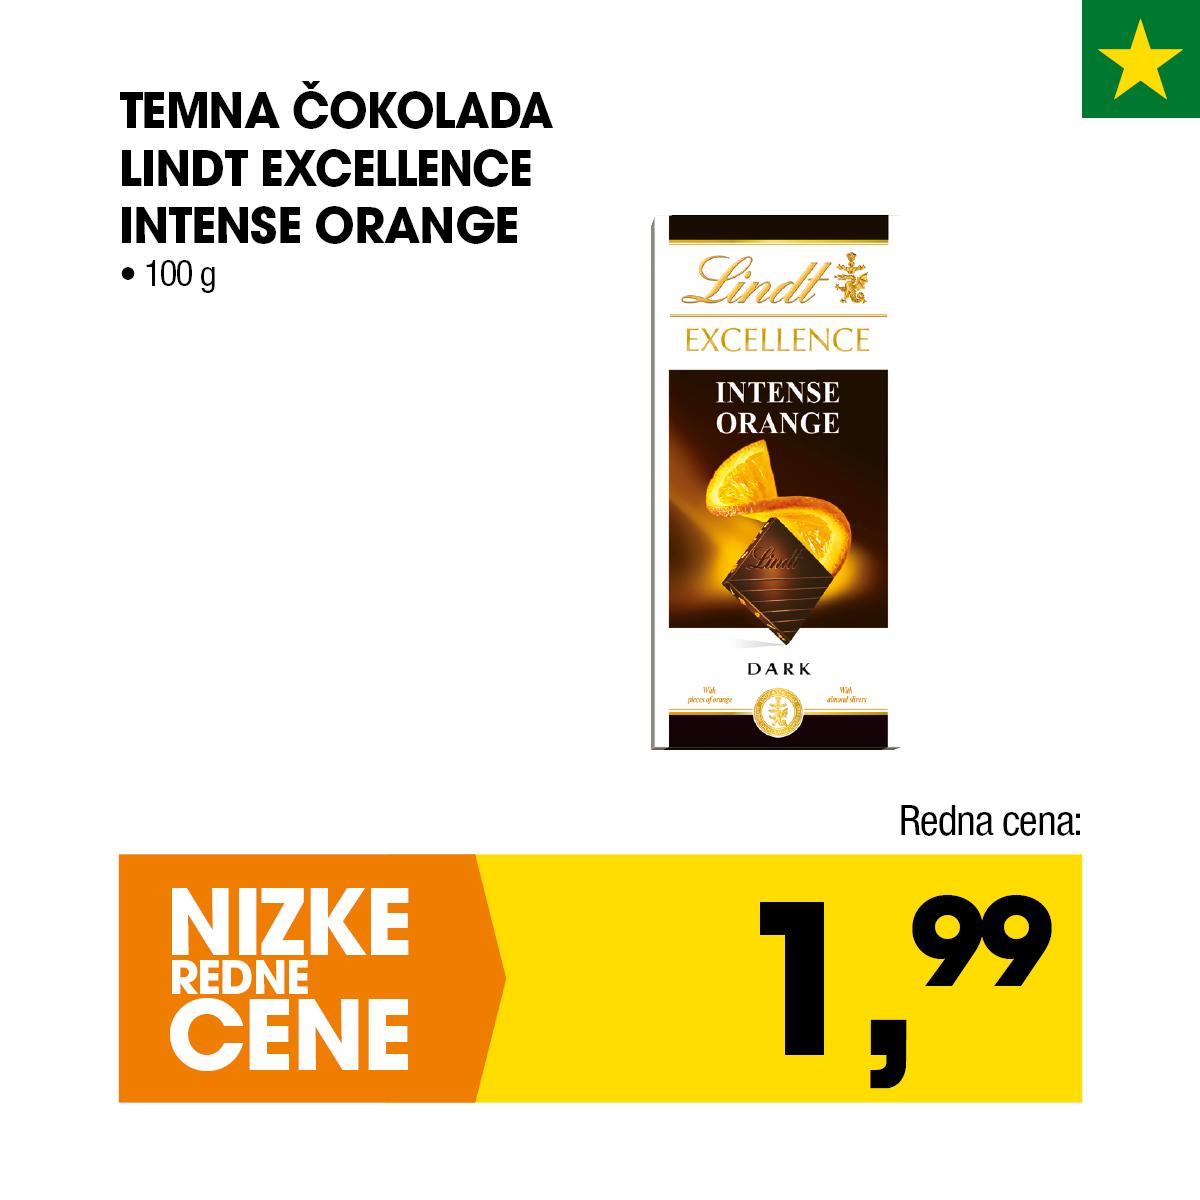 Nizke cene - Temna čokolada Lindt Excellence Intense Orange